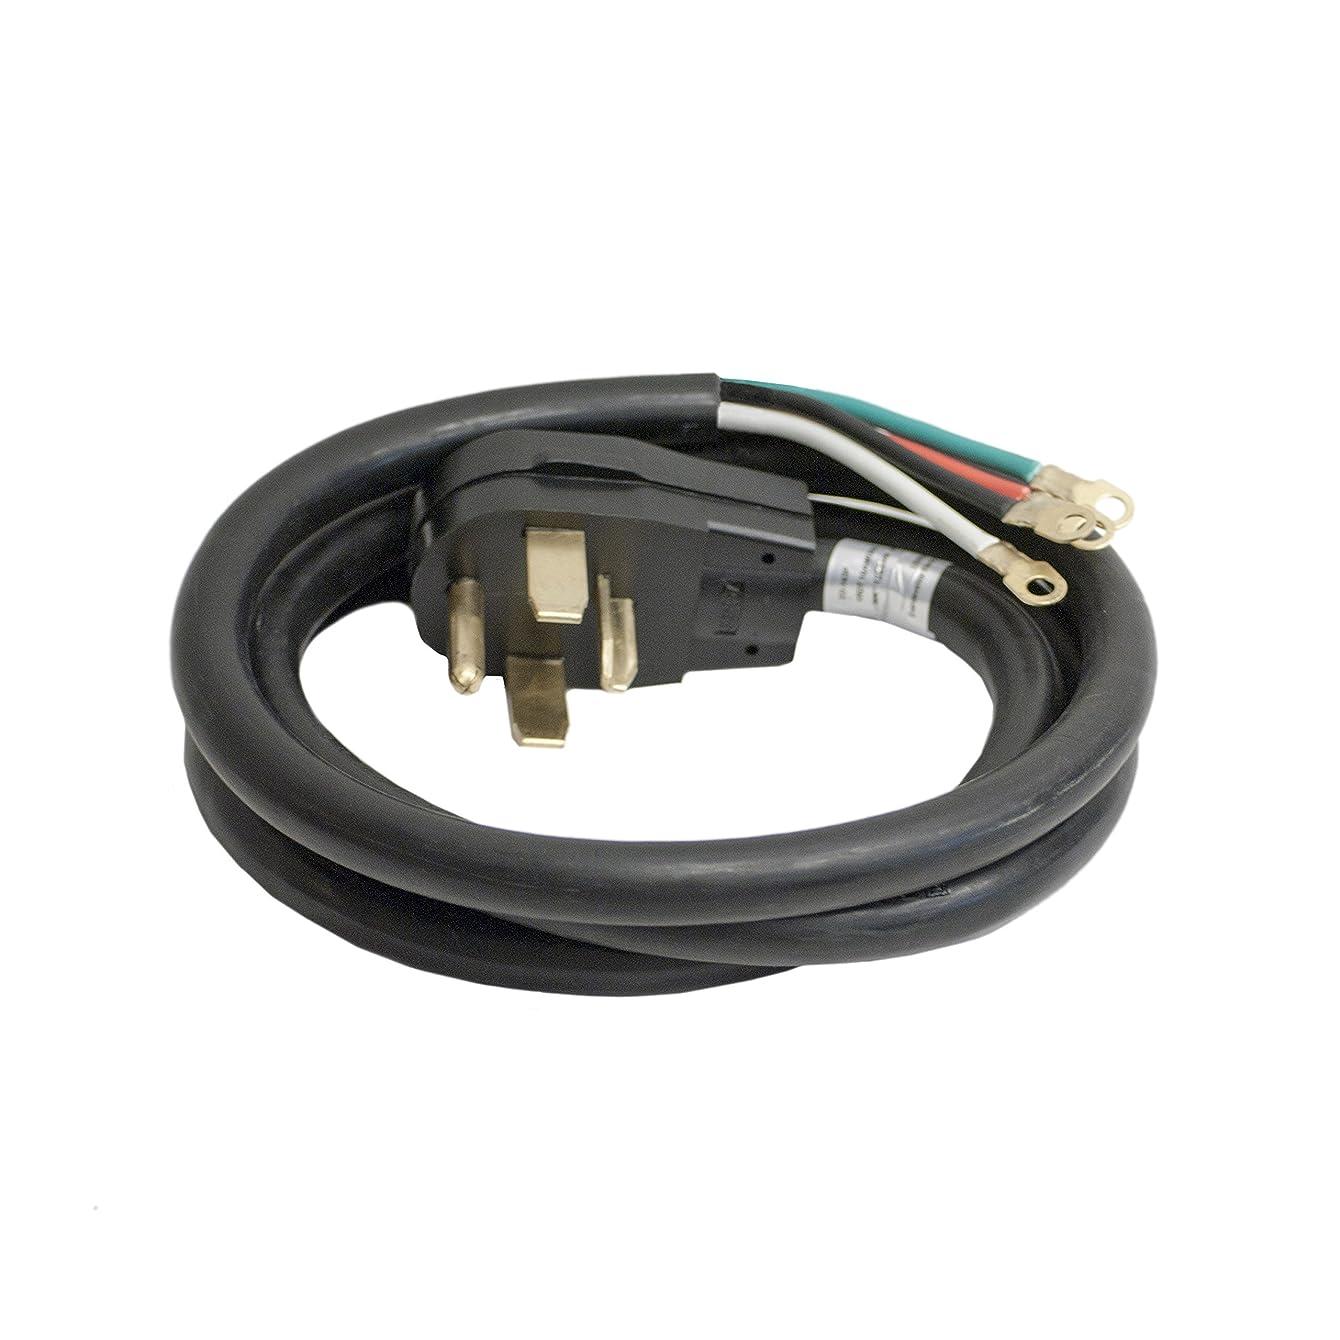 ALEKO WDC4W30A6 ETL 6' Heavy Duty 4-Wire Dryer Cord, 30A